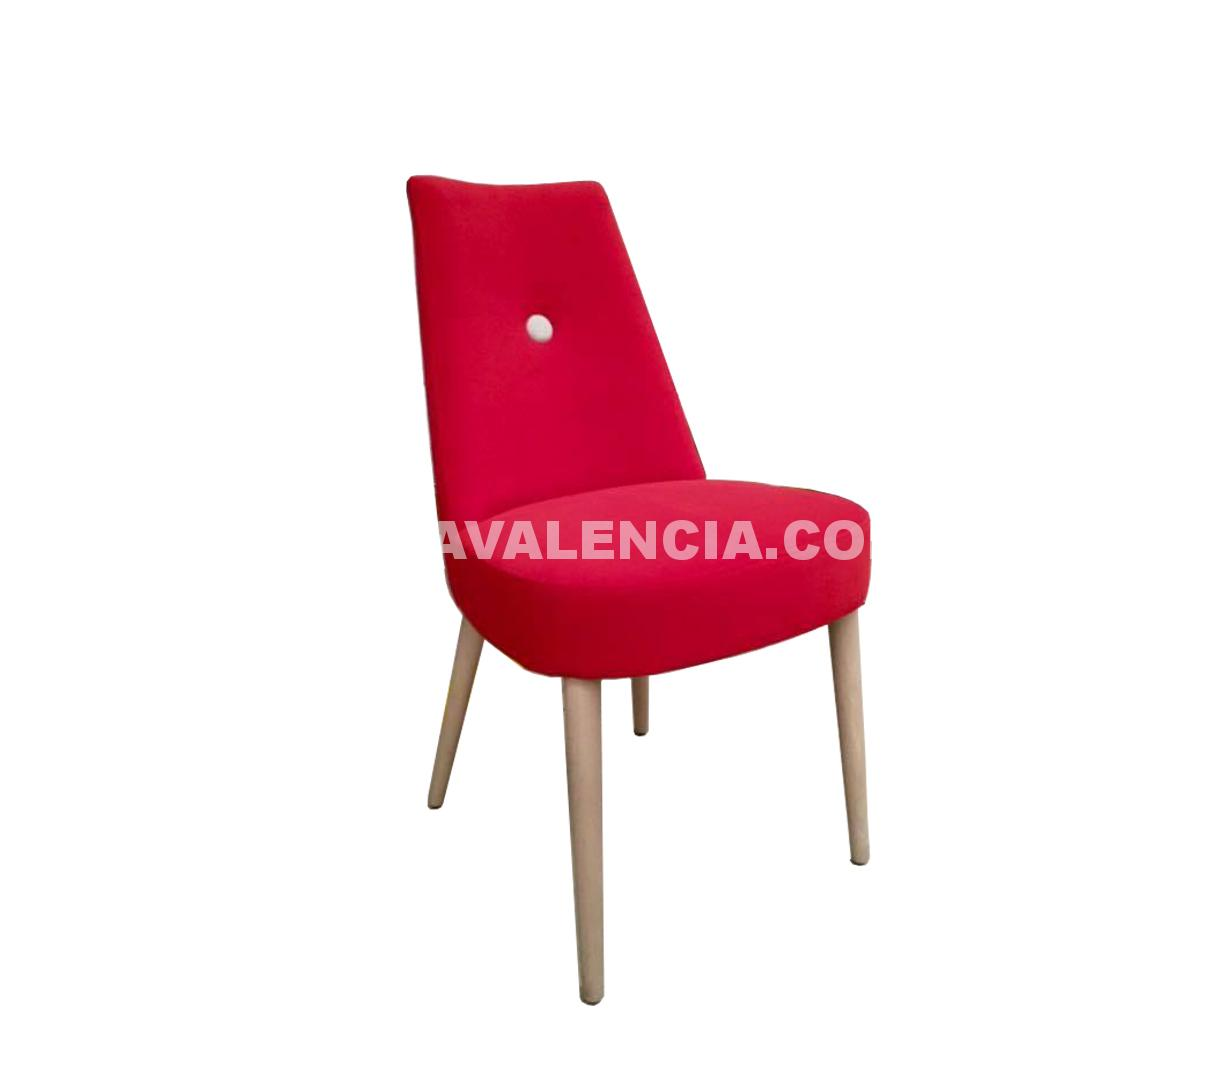 Miniatura del Silla Brisa | Sofá realizado a medida en nuestra Fábrica de Sofás Valencia